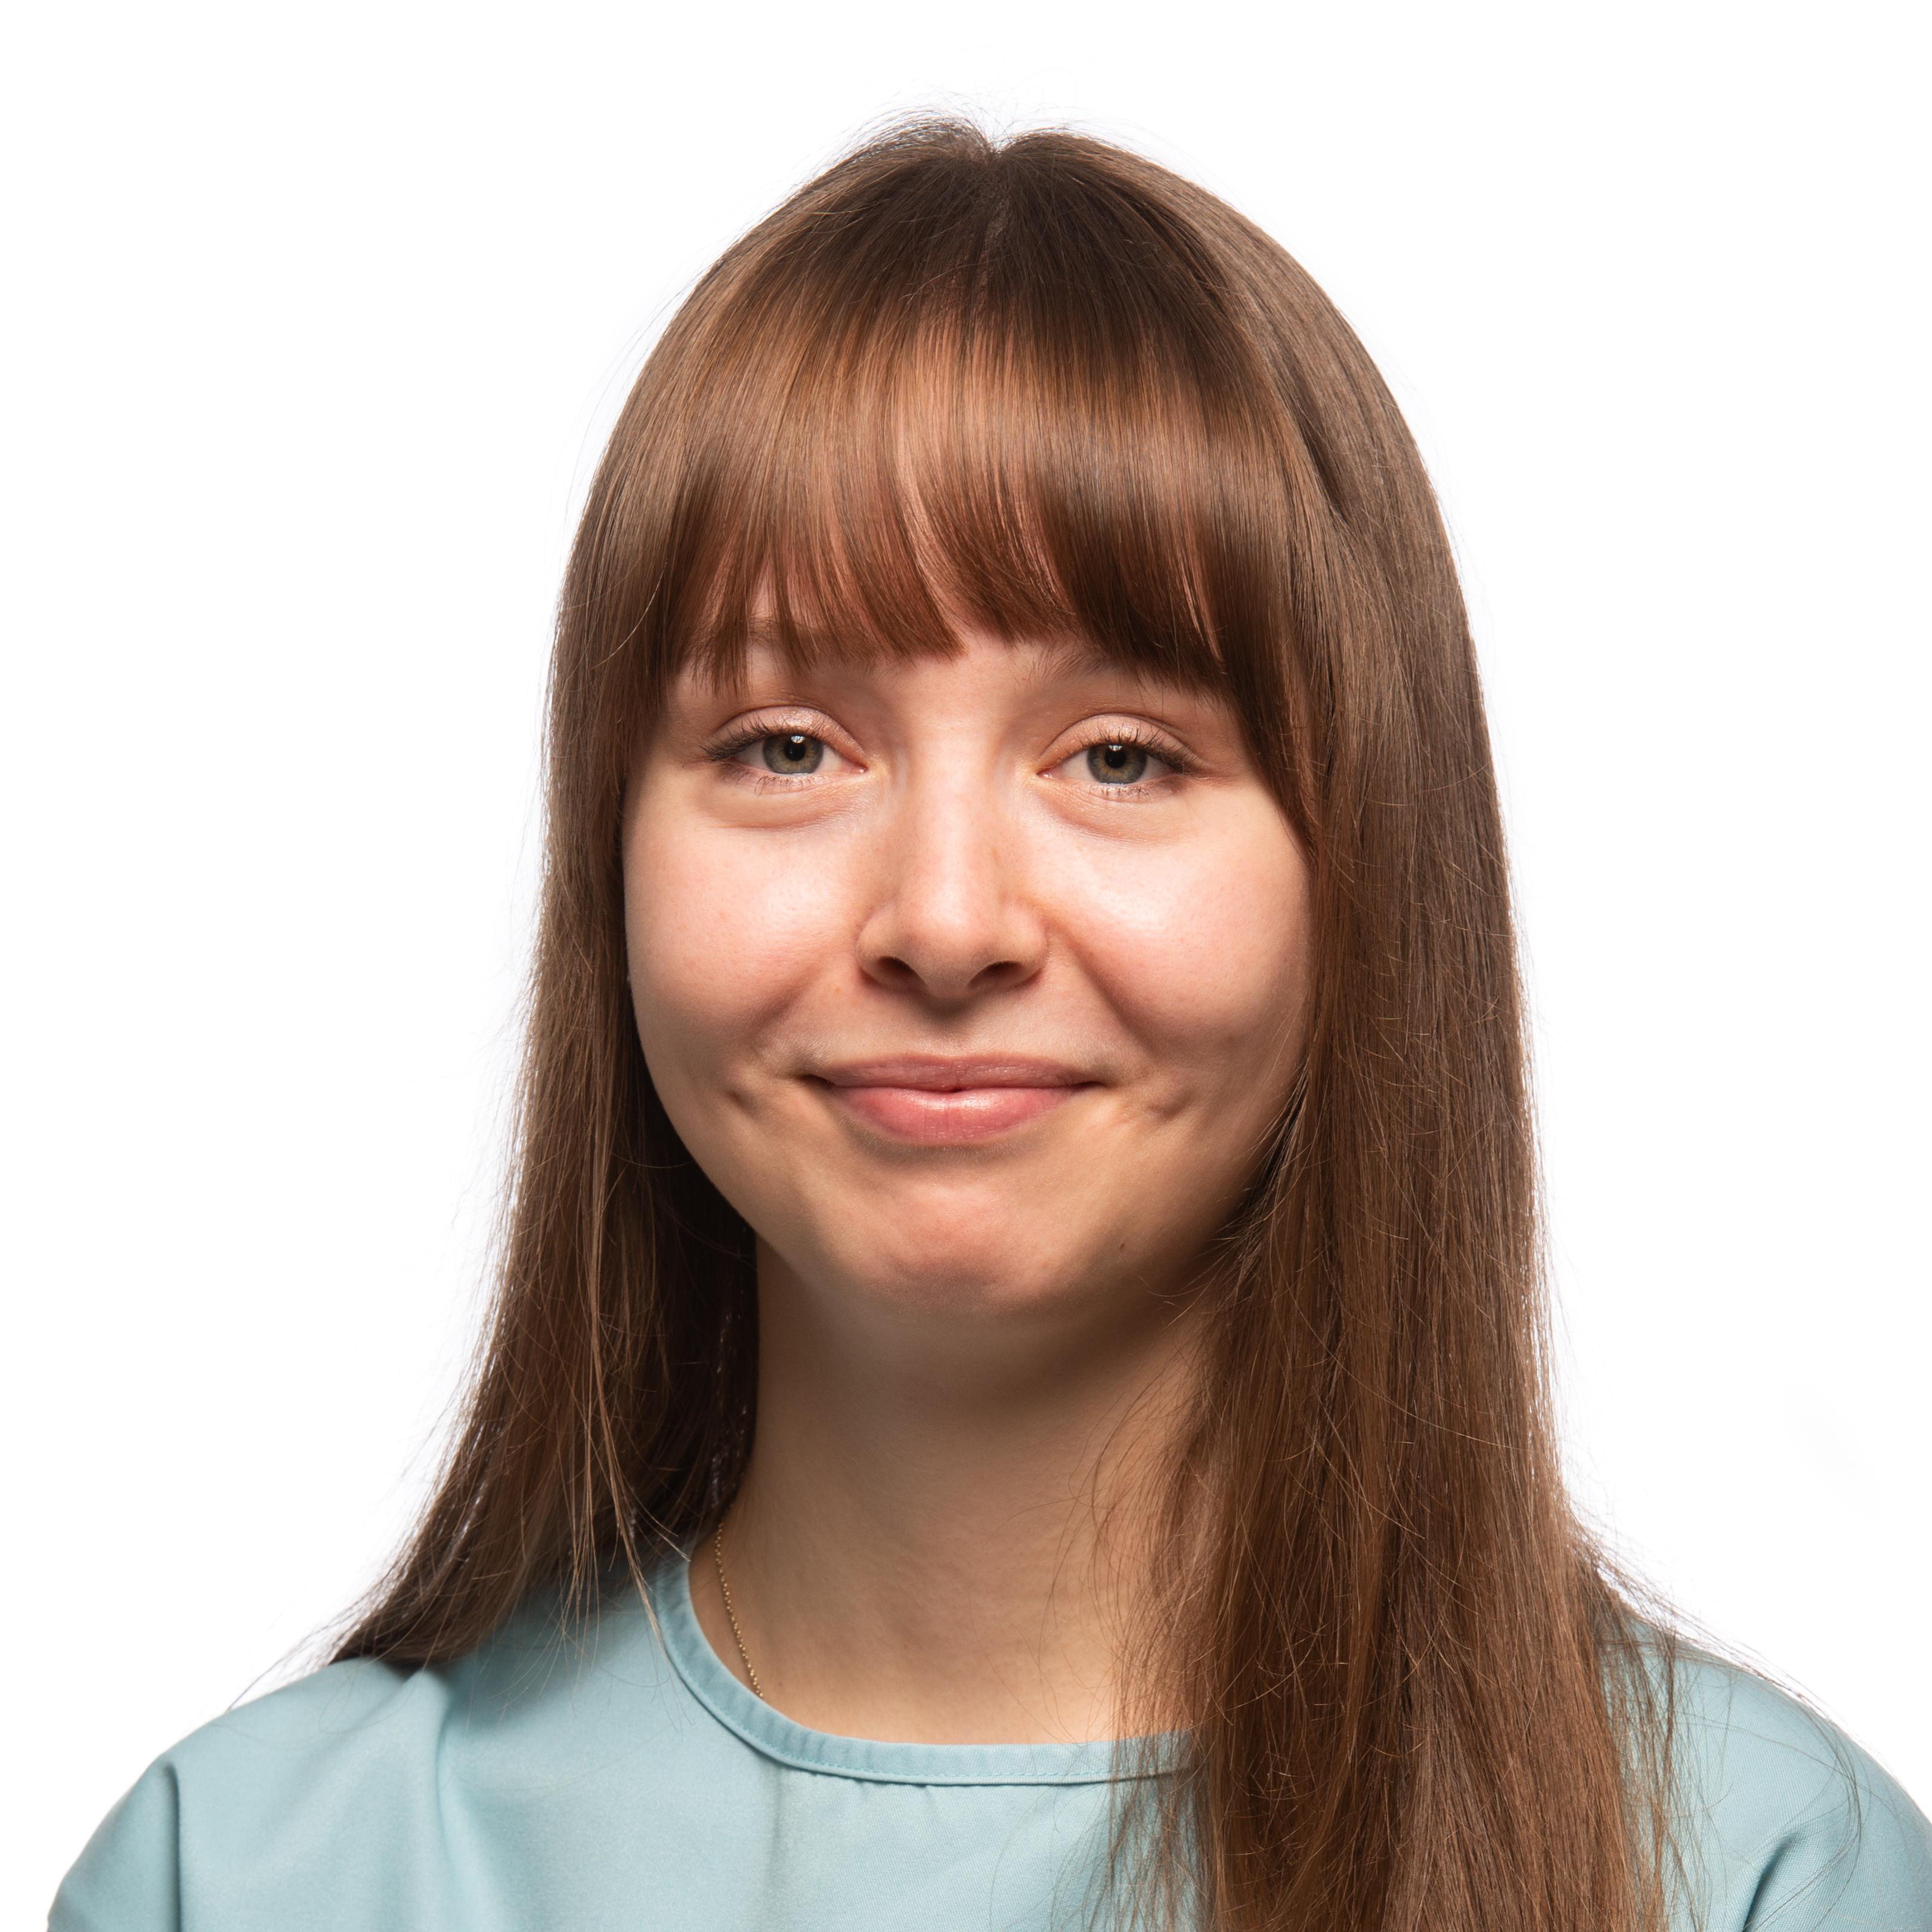 Sonja Nart